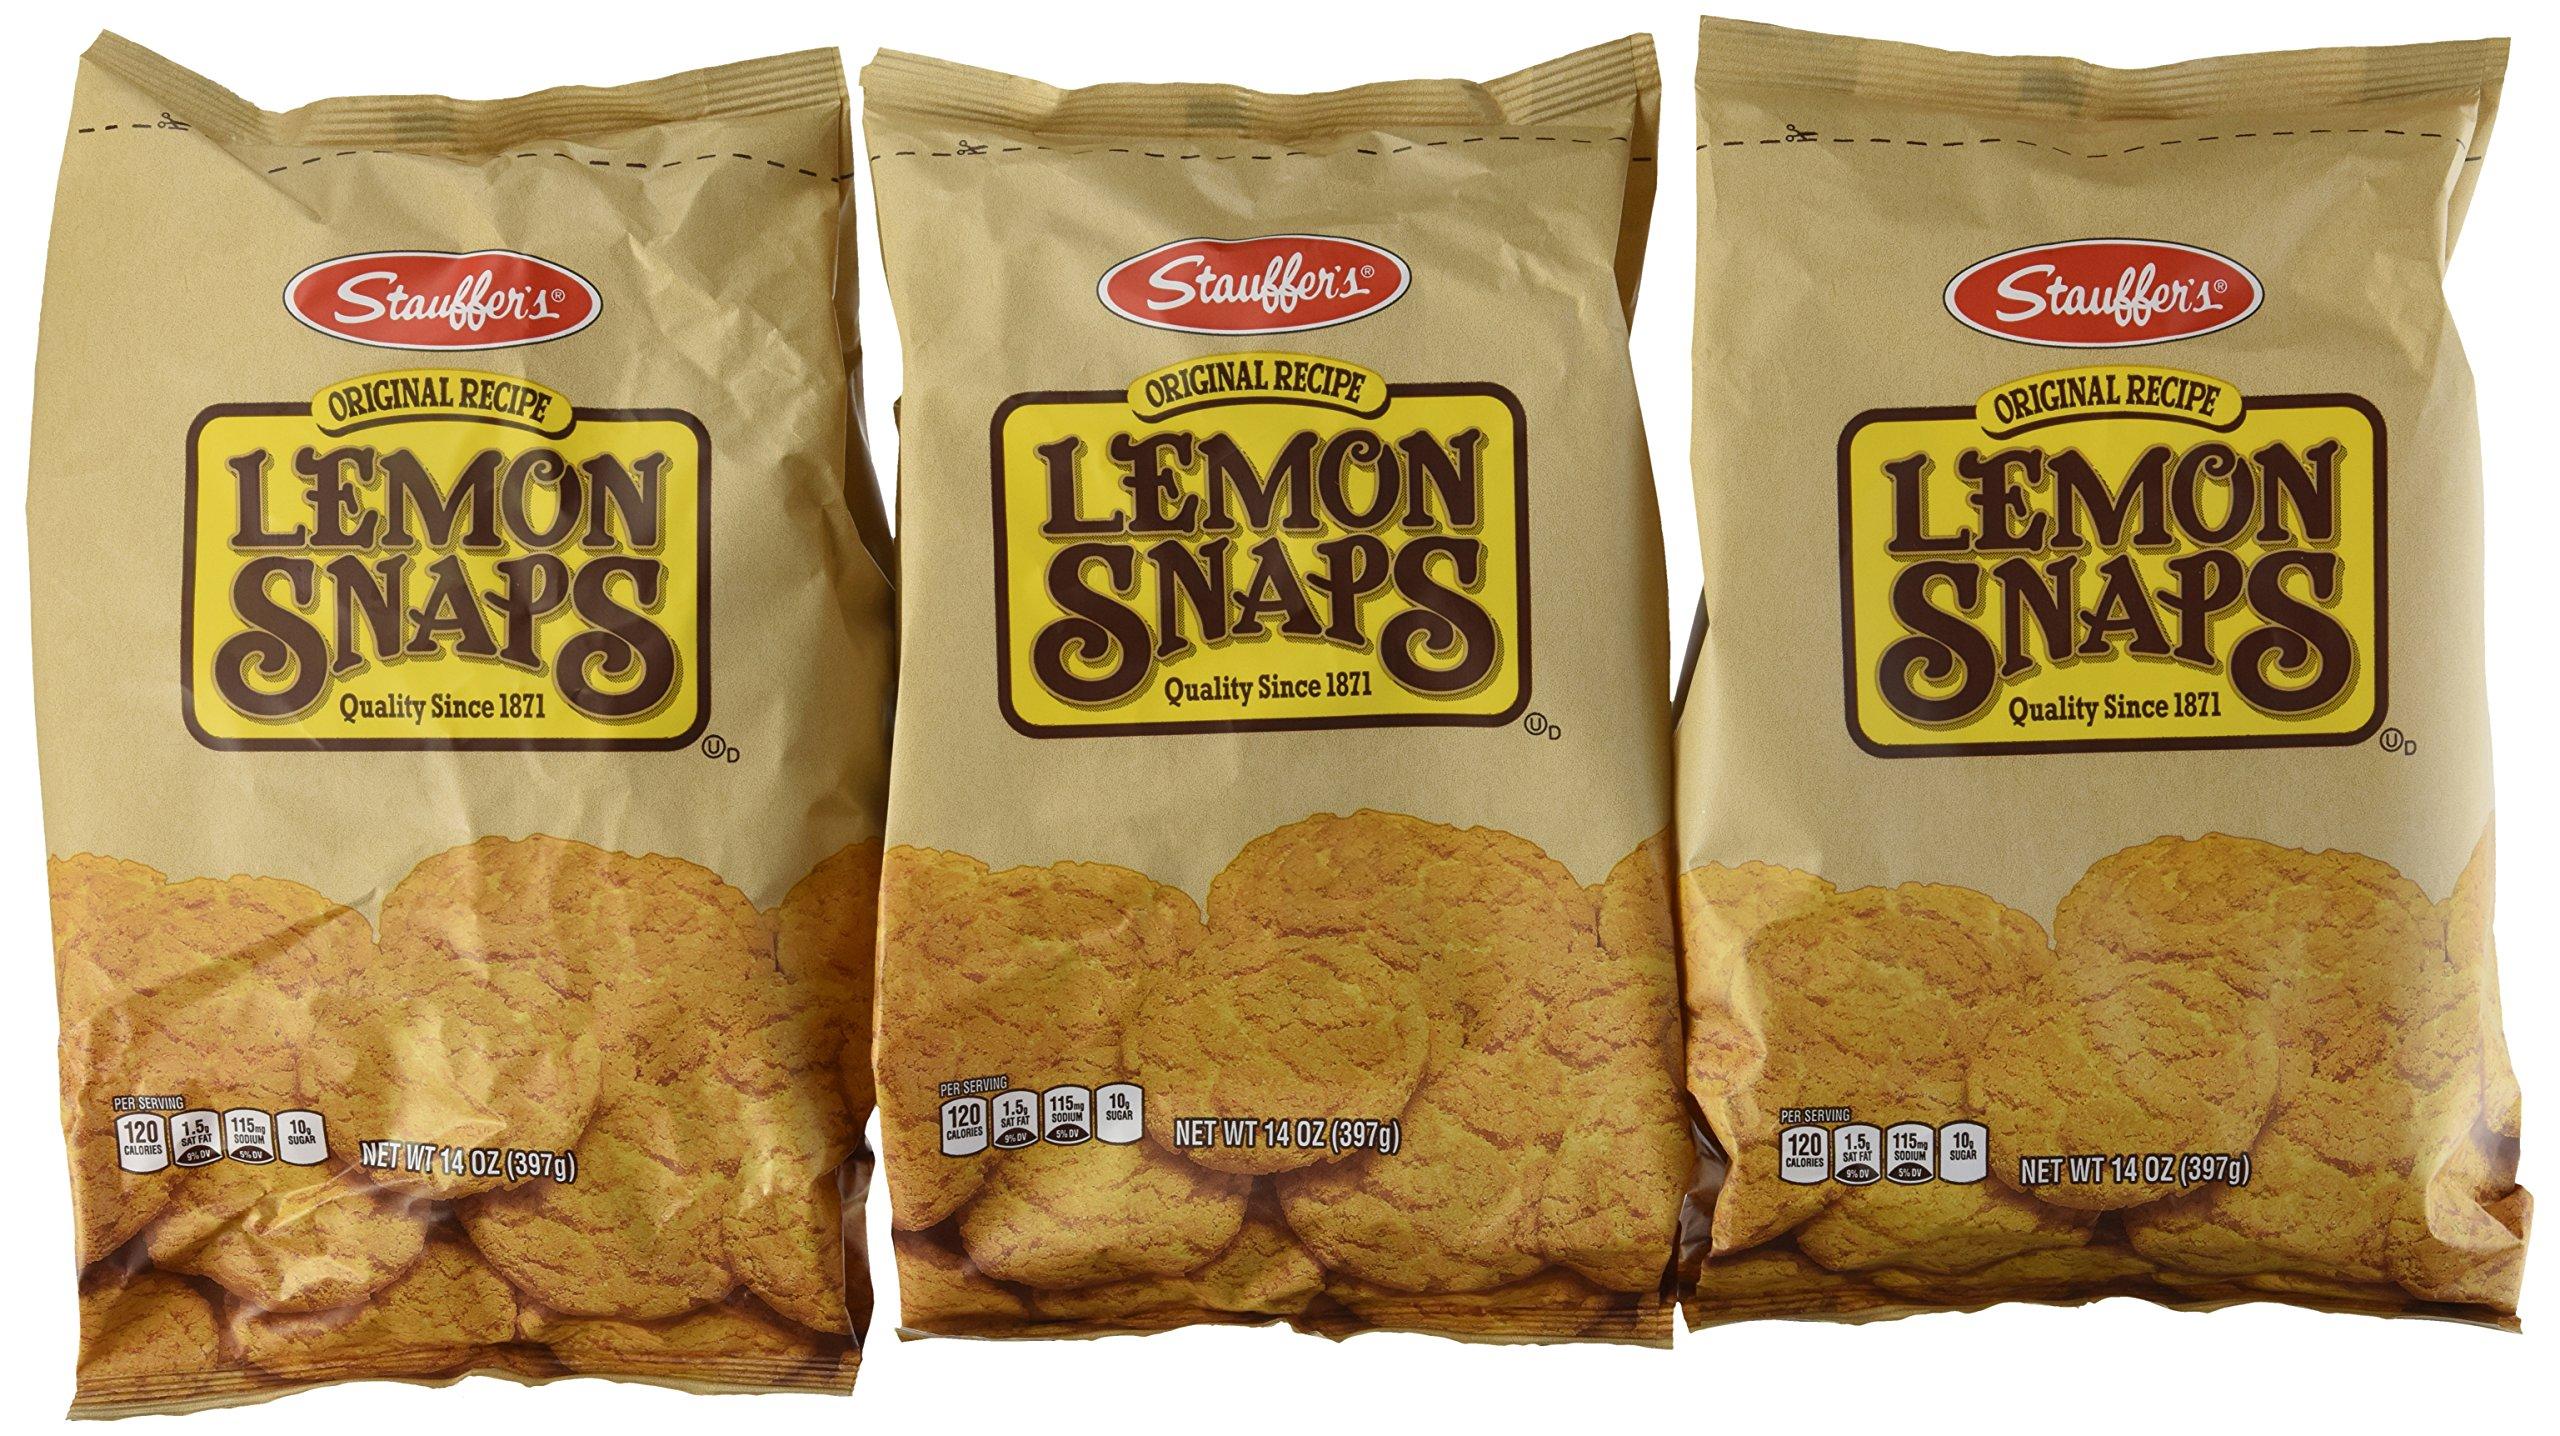 Stauffer's Lemon Snaps Cookies - [3 Pack] by Stauffer's